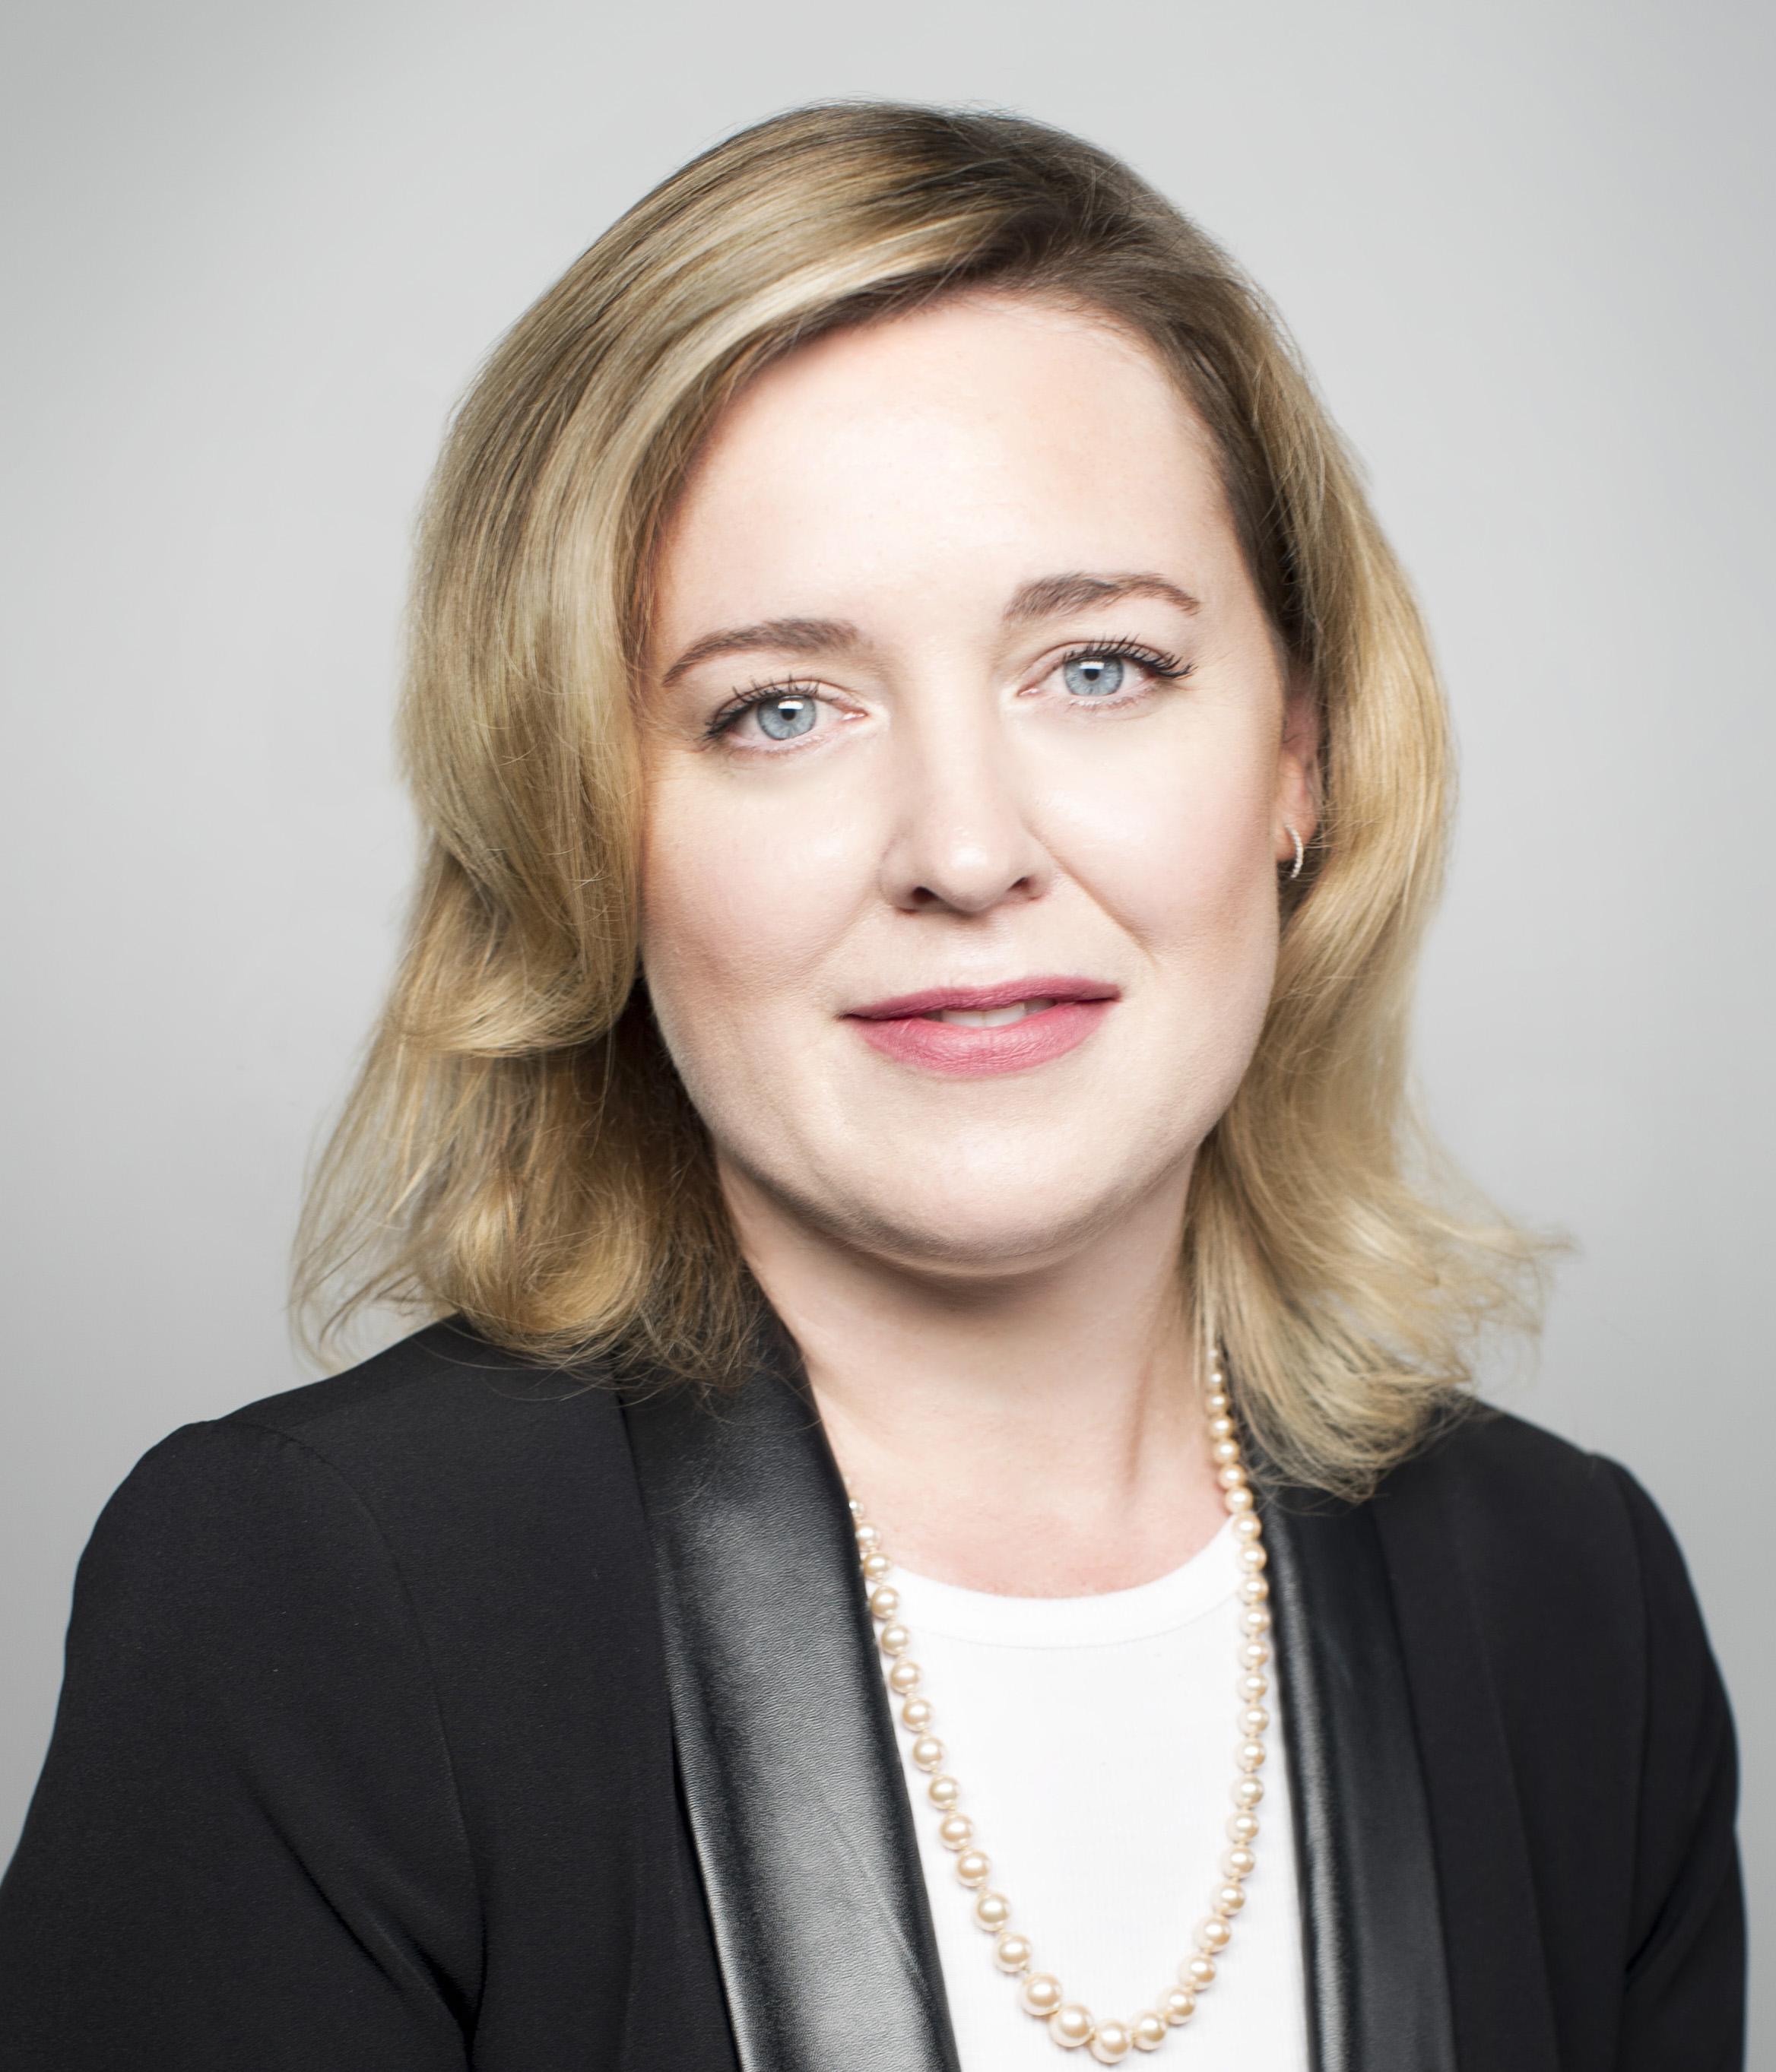 Ellie Muir